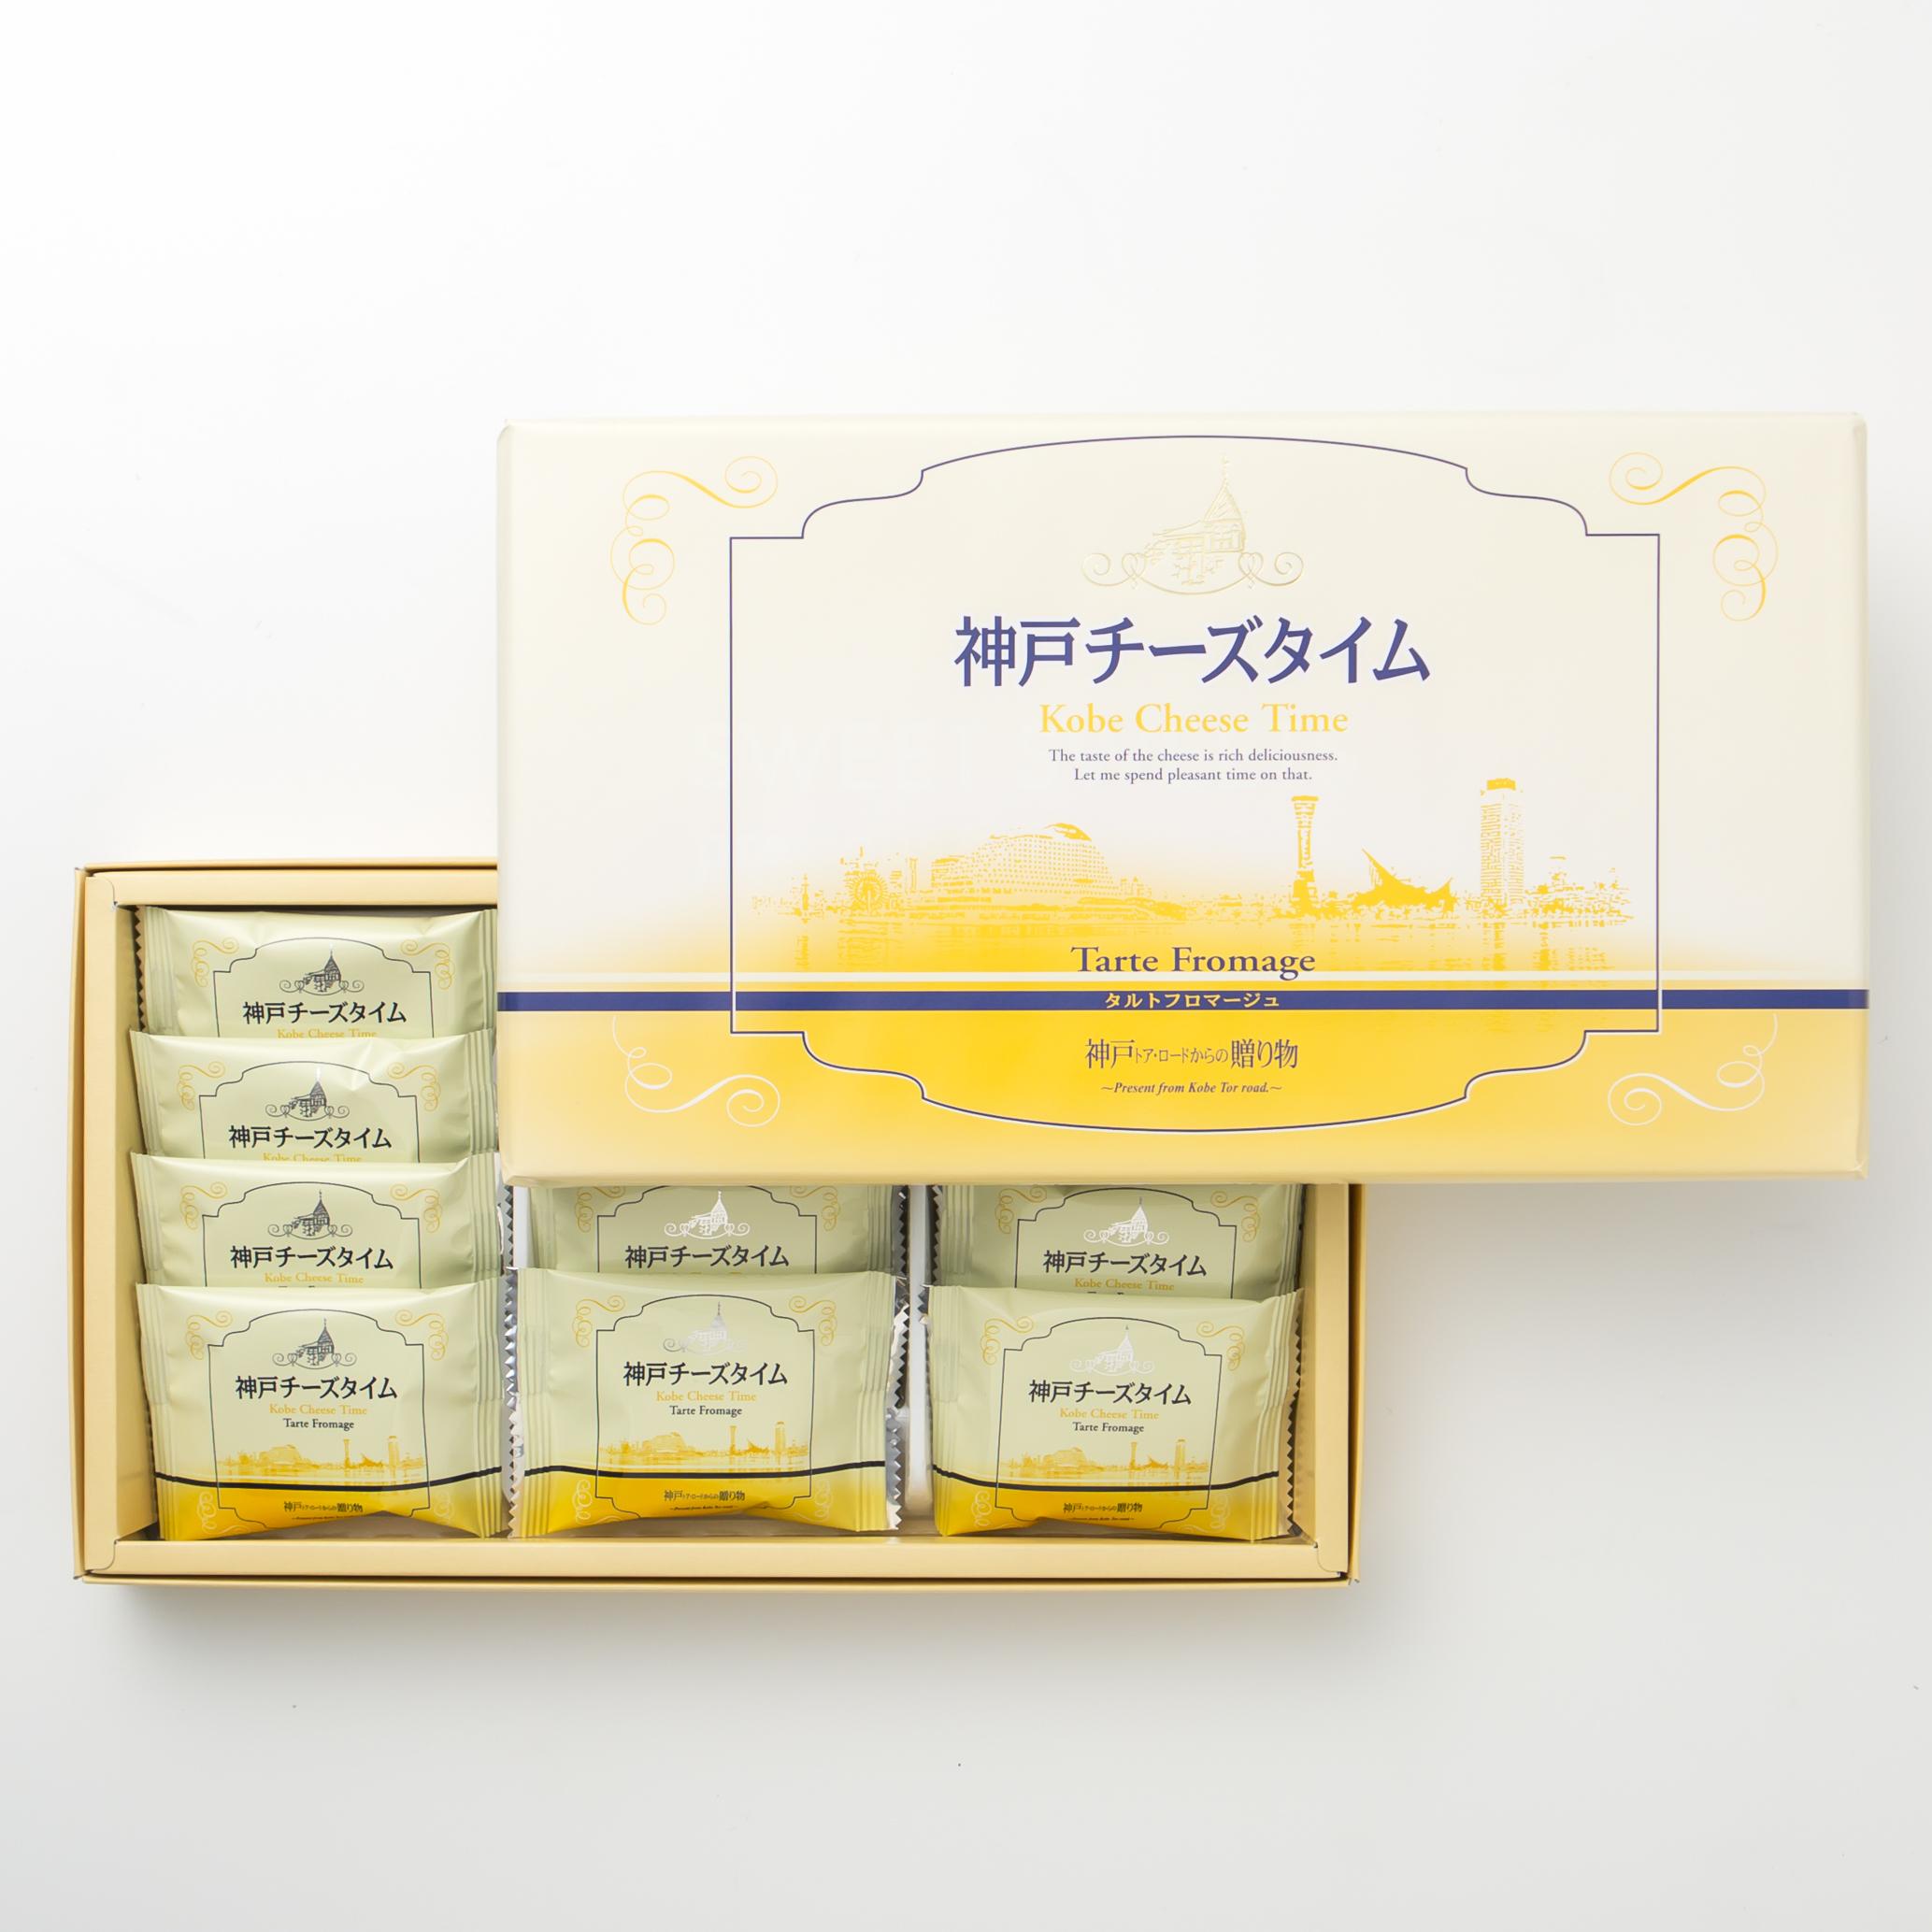 神戸チーズタイム 12枚入り